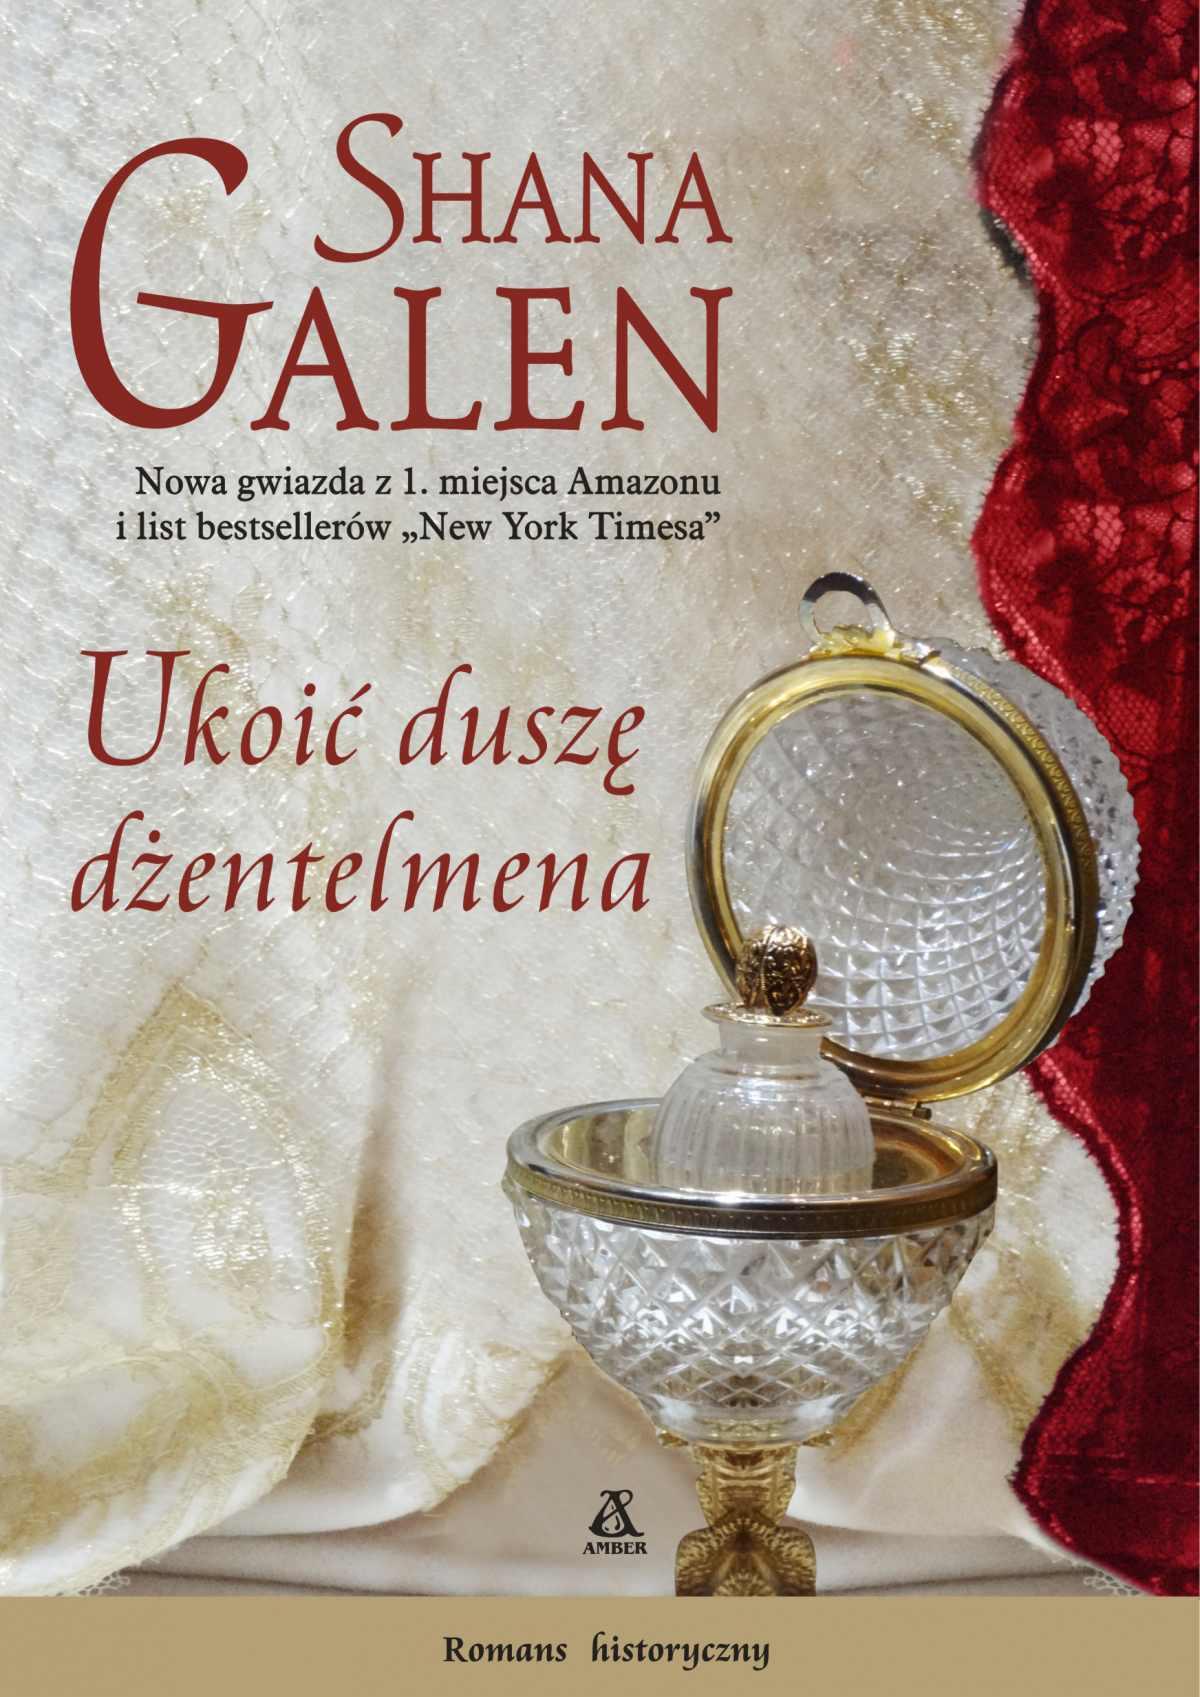 Ukoić duszę dżentelmena - Ebook (Książka na Kindle) do pobrania w formacie MOBI